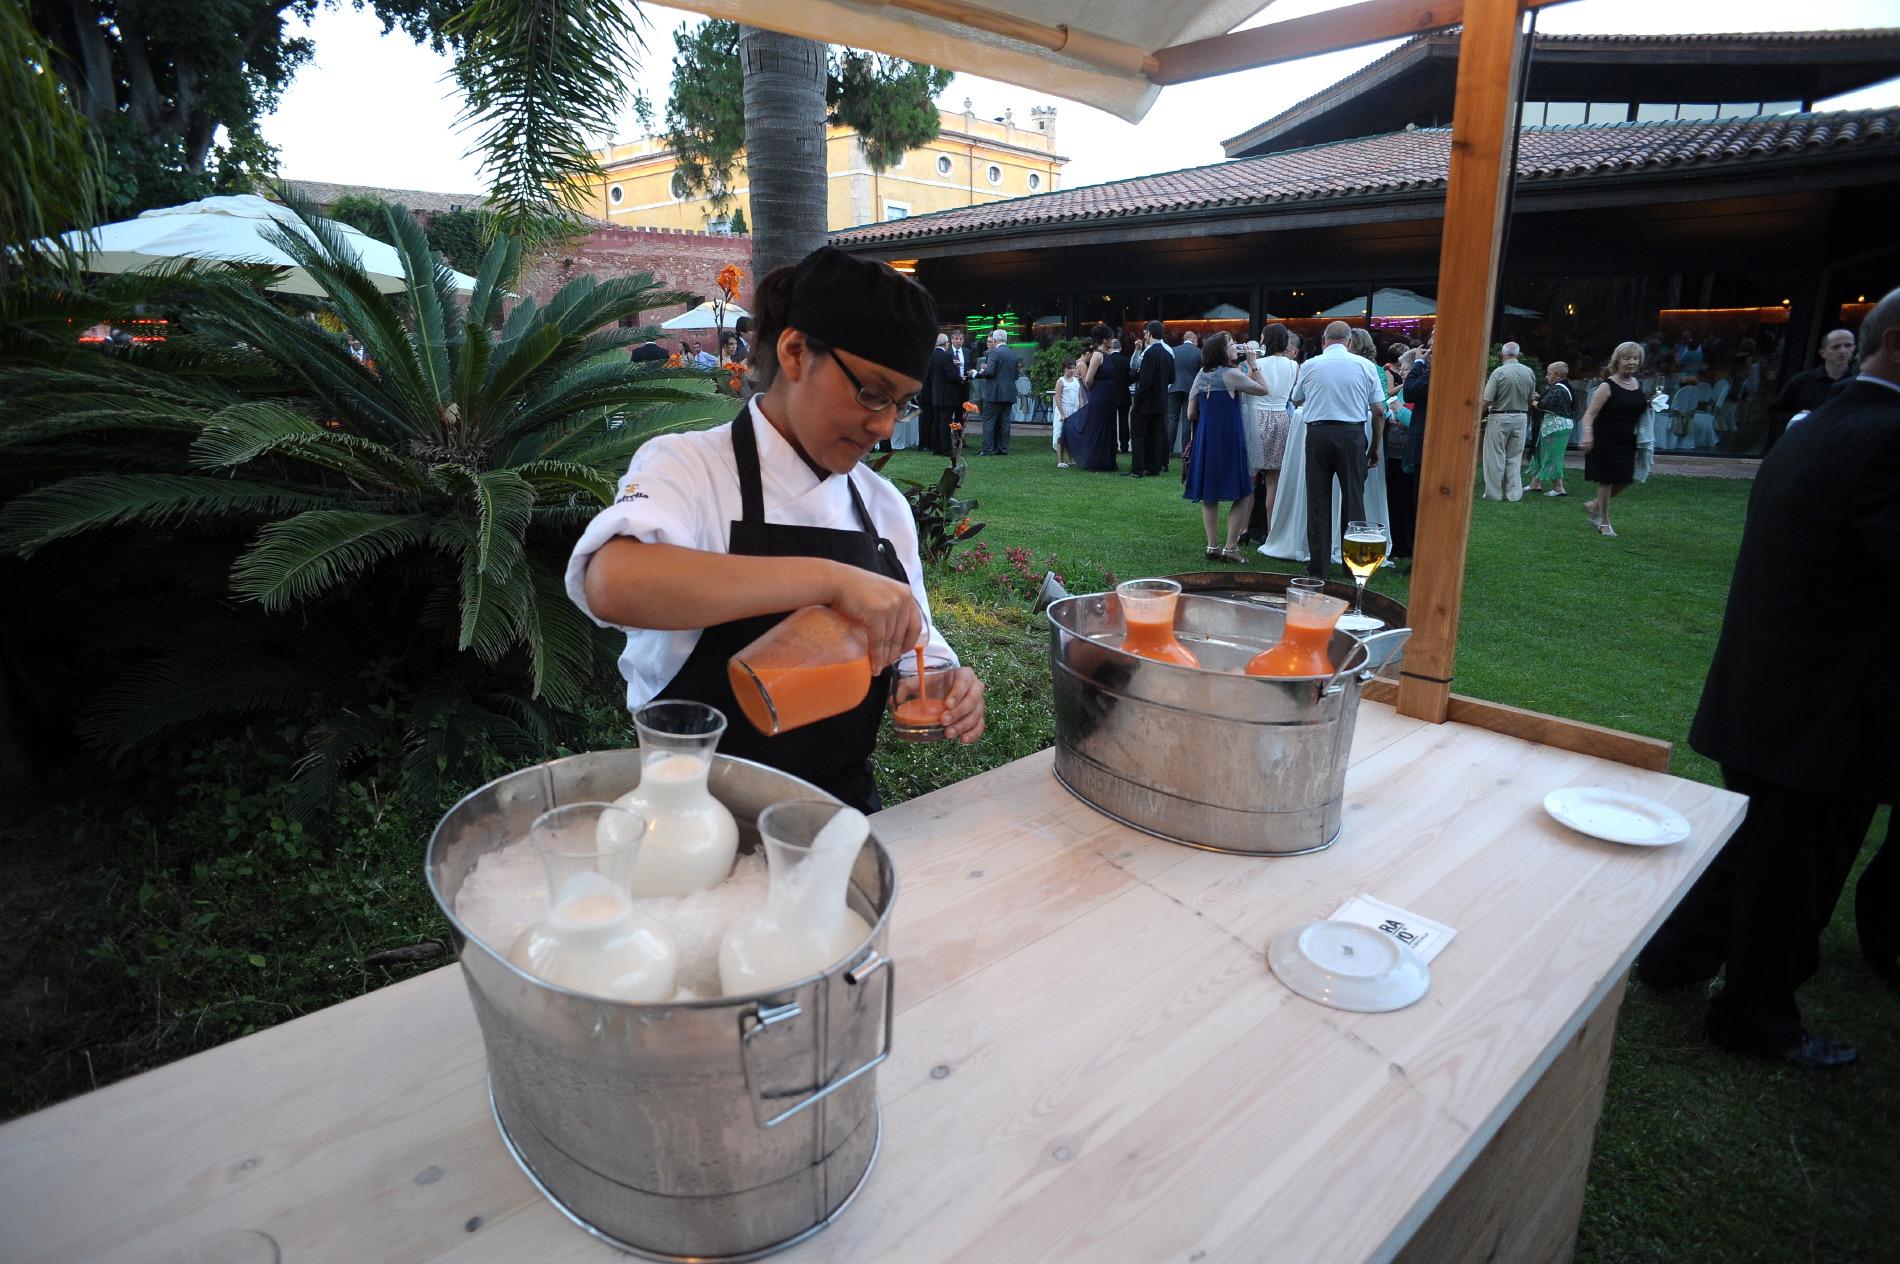 Detalles de los eventos organizados en Hotel mas La Boella Tarragona